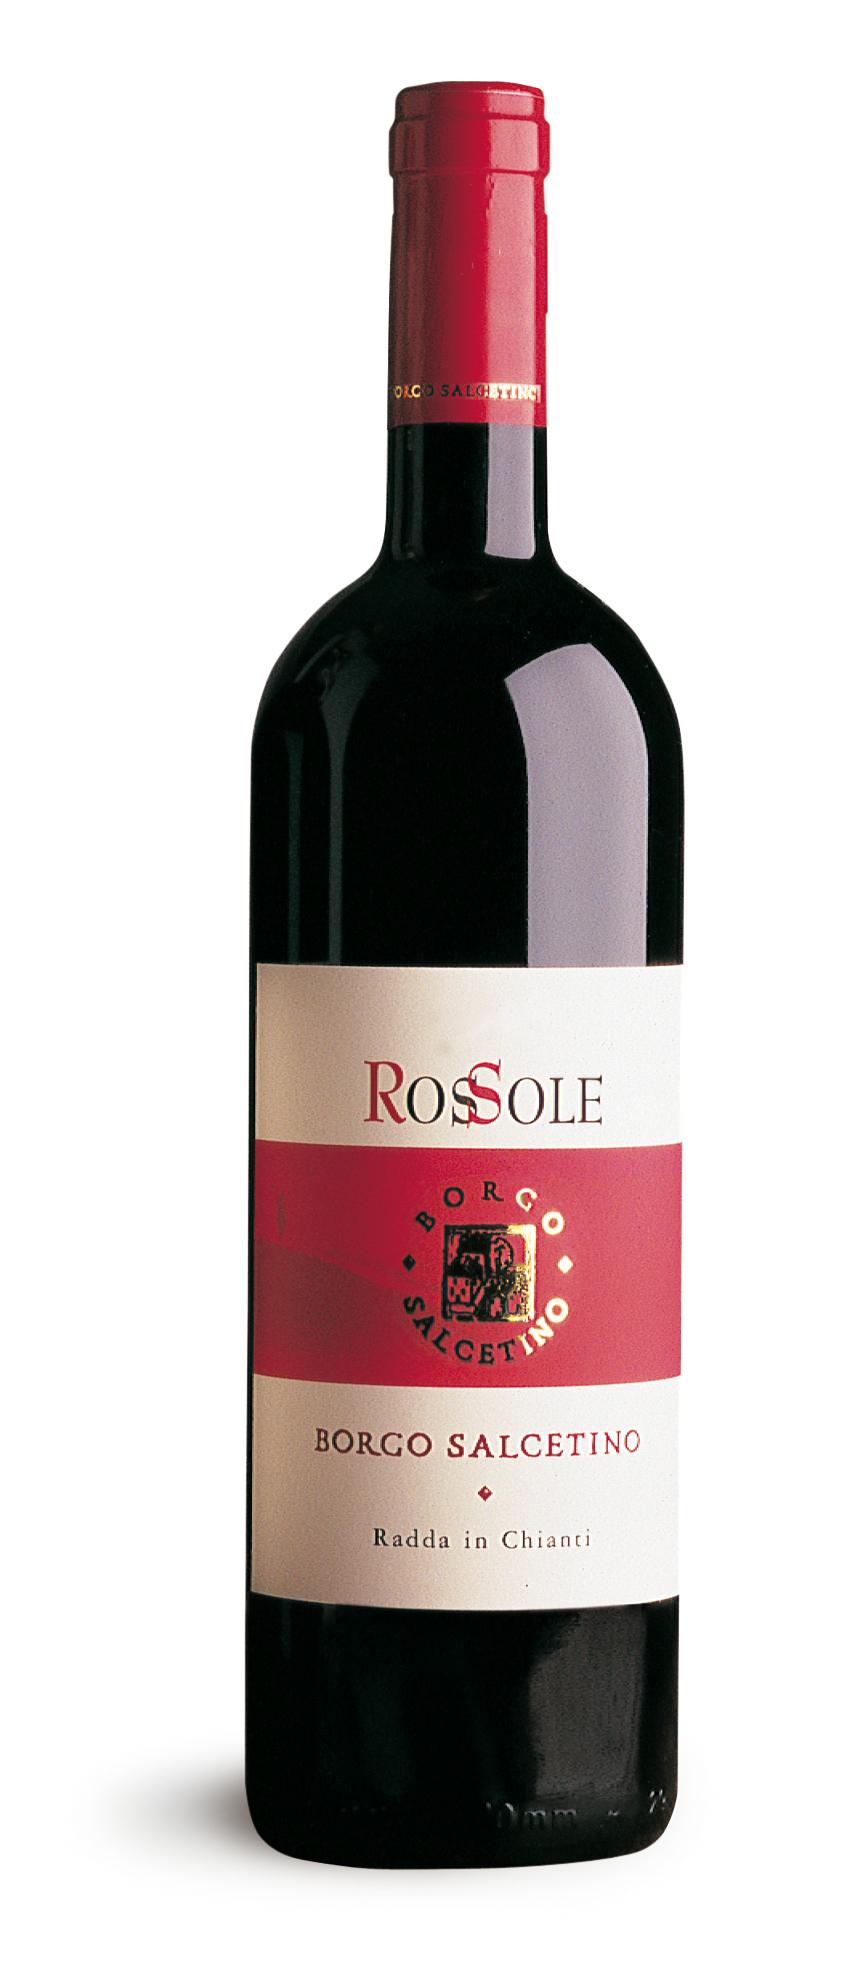 Rossole (2012) Livon